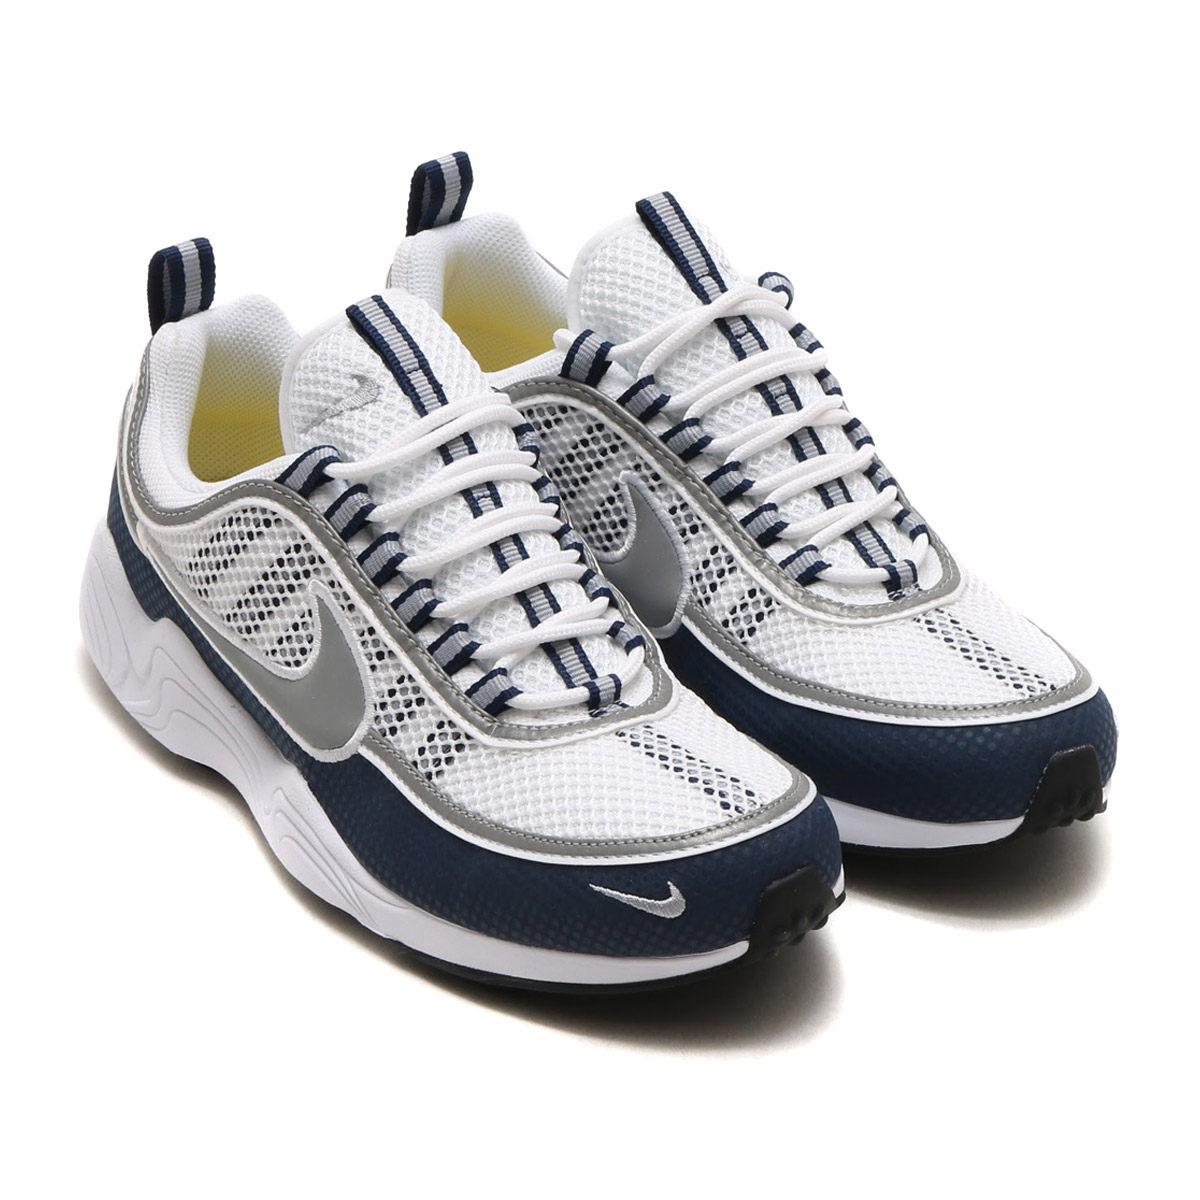 dda0916ace5a9 NIKE AIR ZOOM SPRDN (Nike air zoom pyridone) (WHITE SILVER-LIGHT MIDNIGHT)  17SU-S